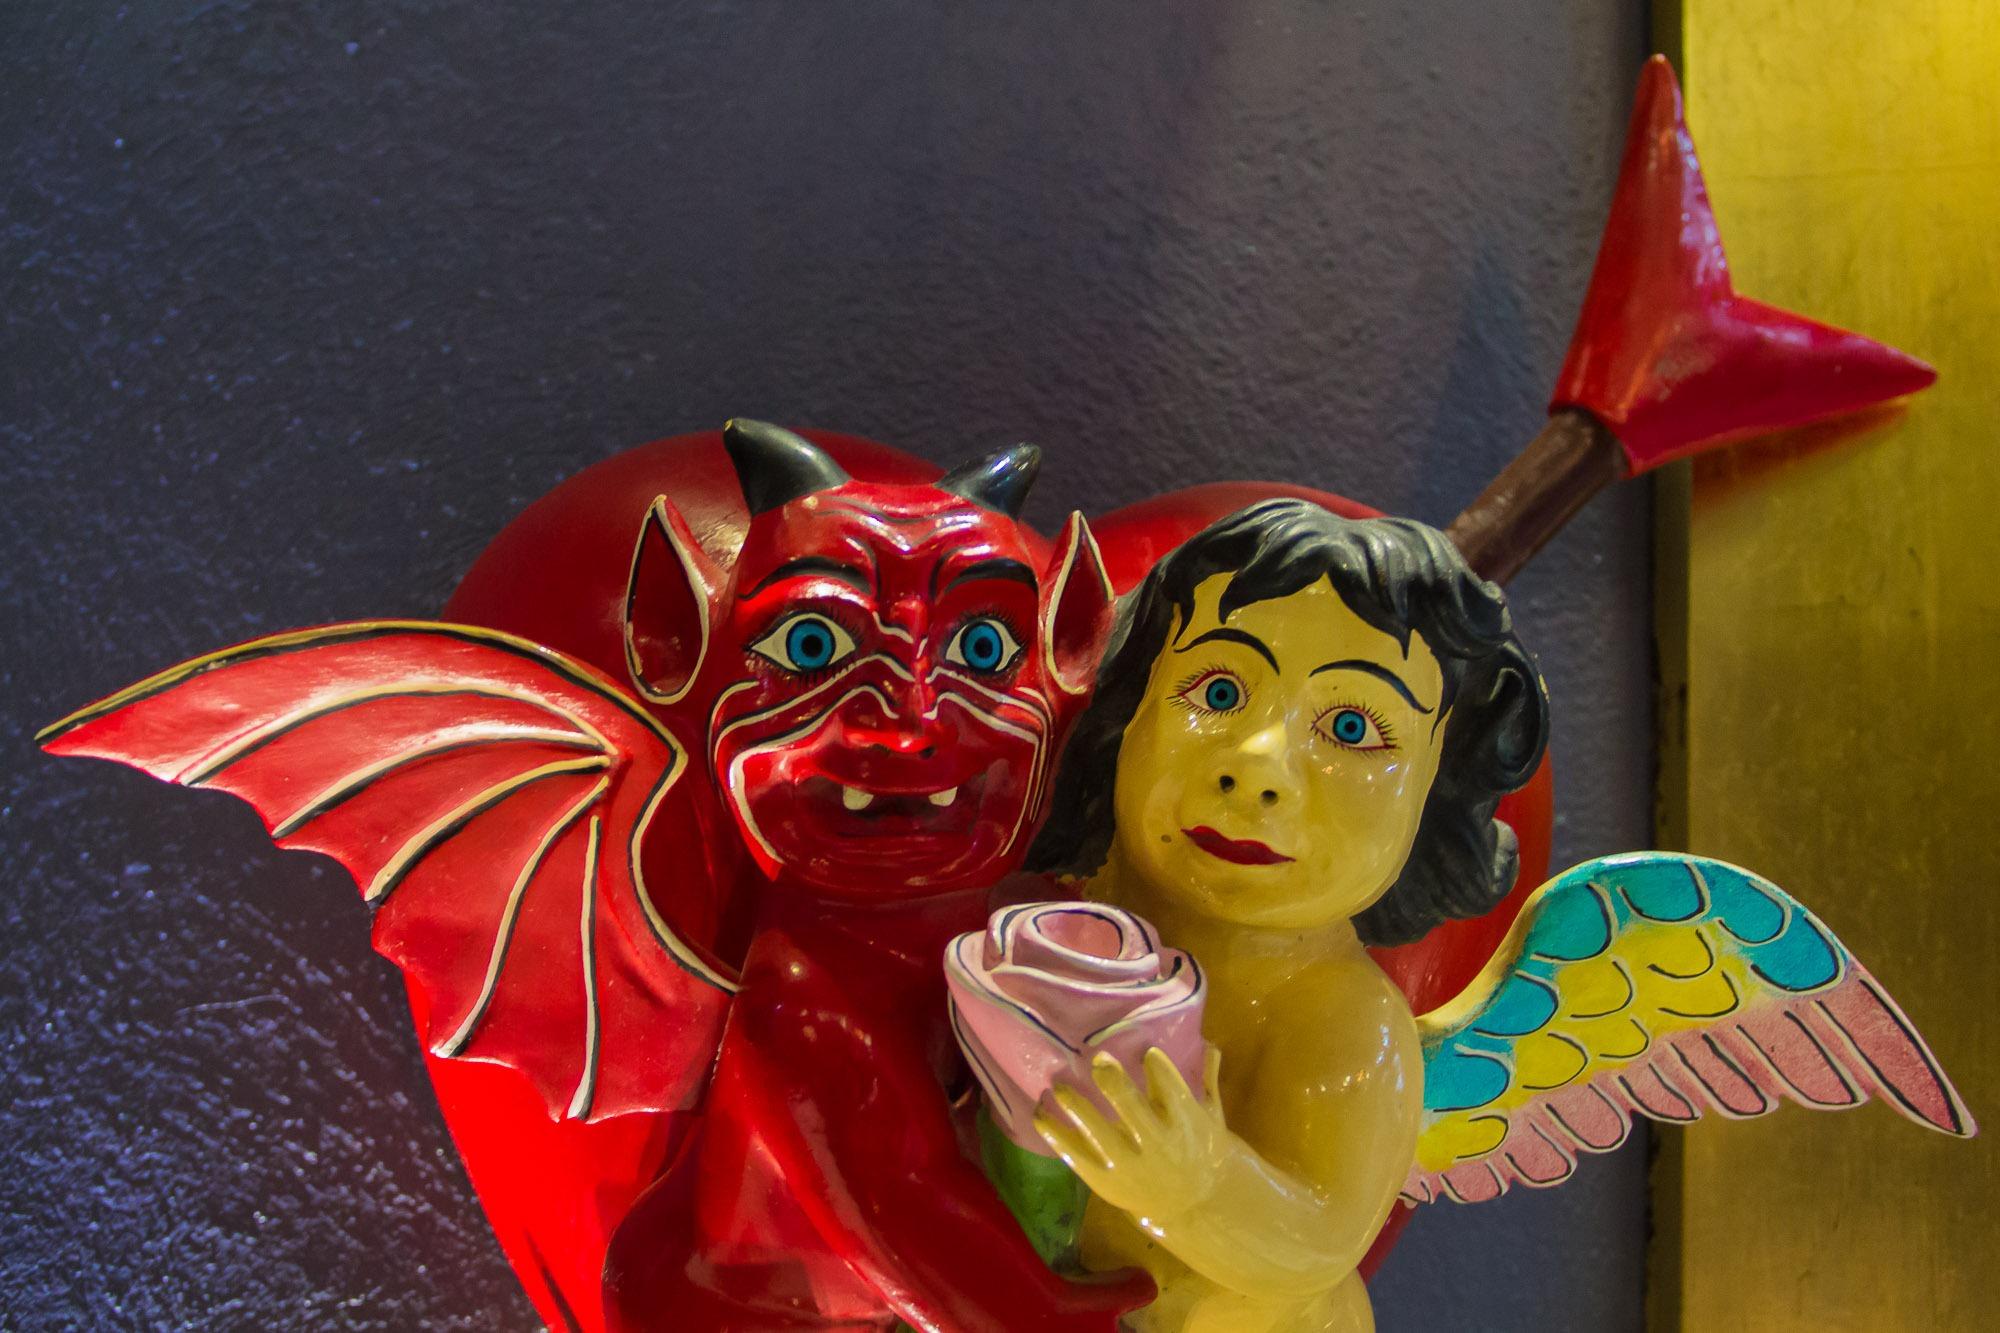 Anjo e demônio, decoração de moderno hotel-boutique; cores vibrantes sempre associadas à religião